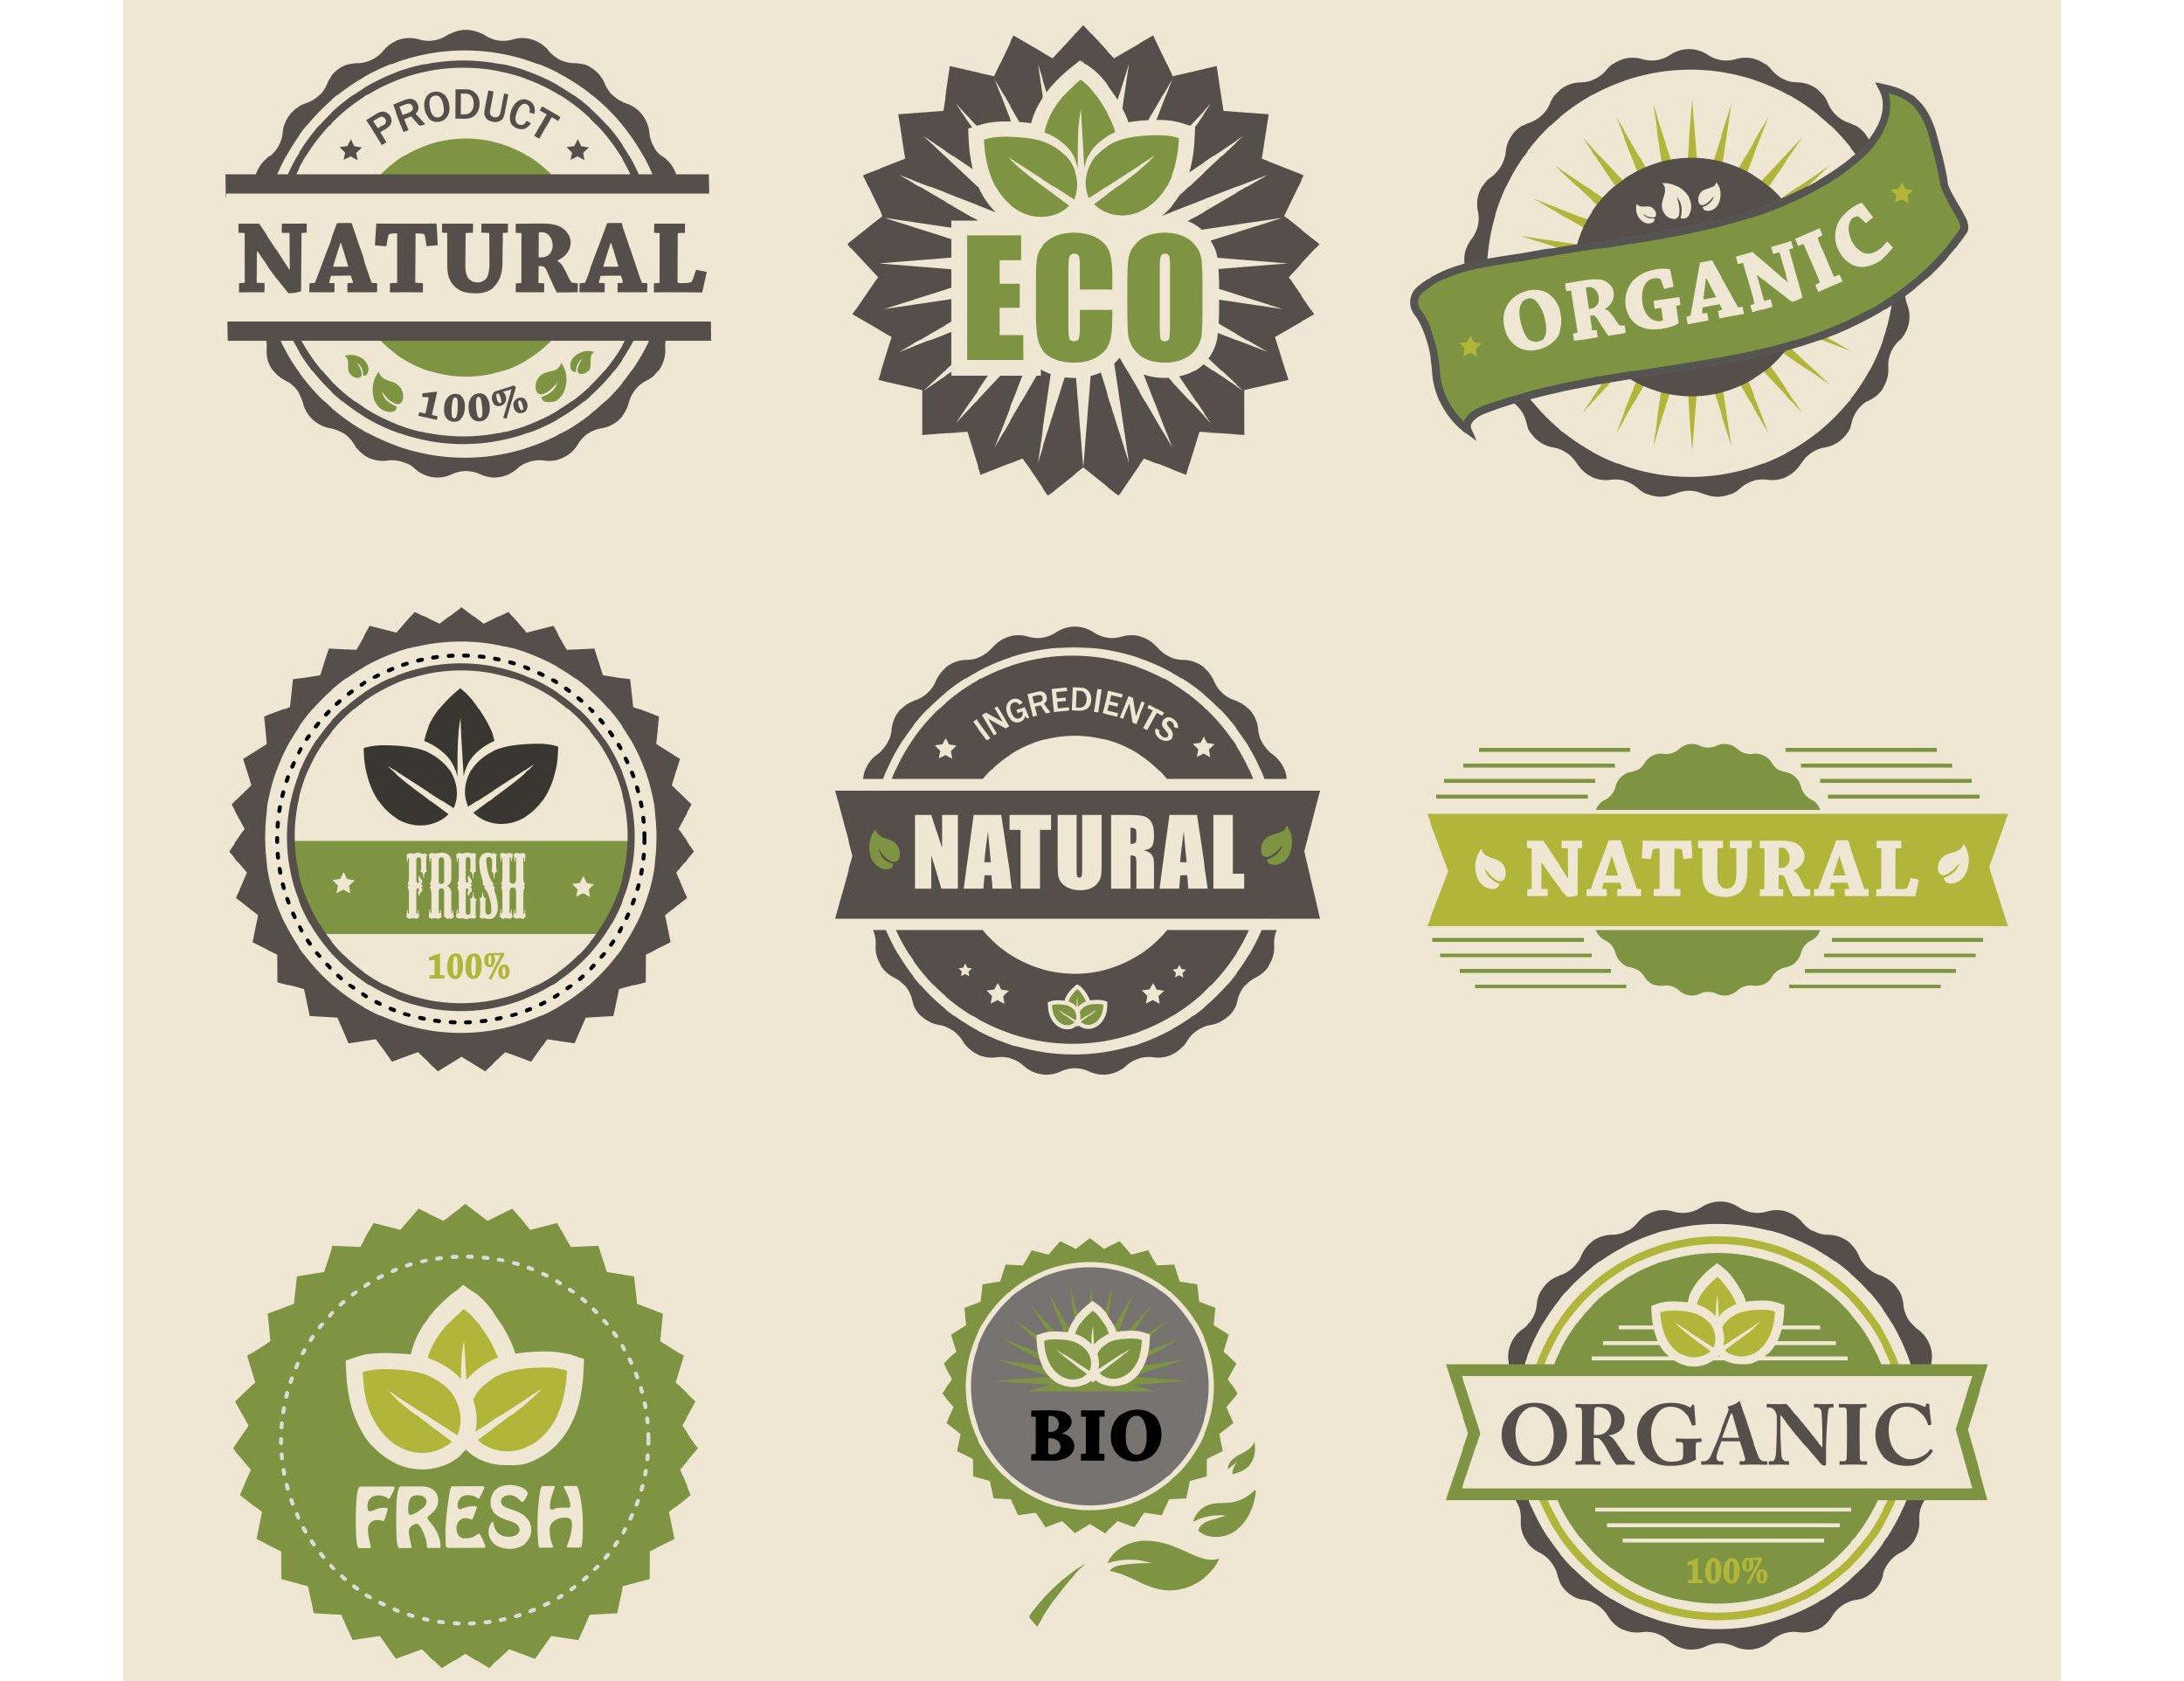 Produkty bio i eko – jak powinna być oznaczona ich etykieta?